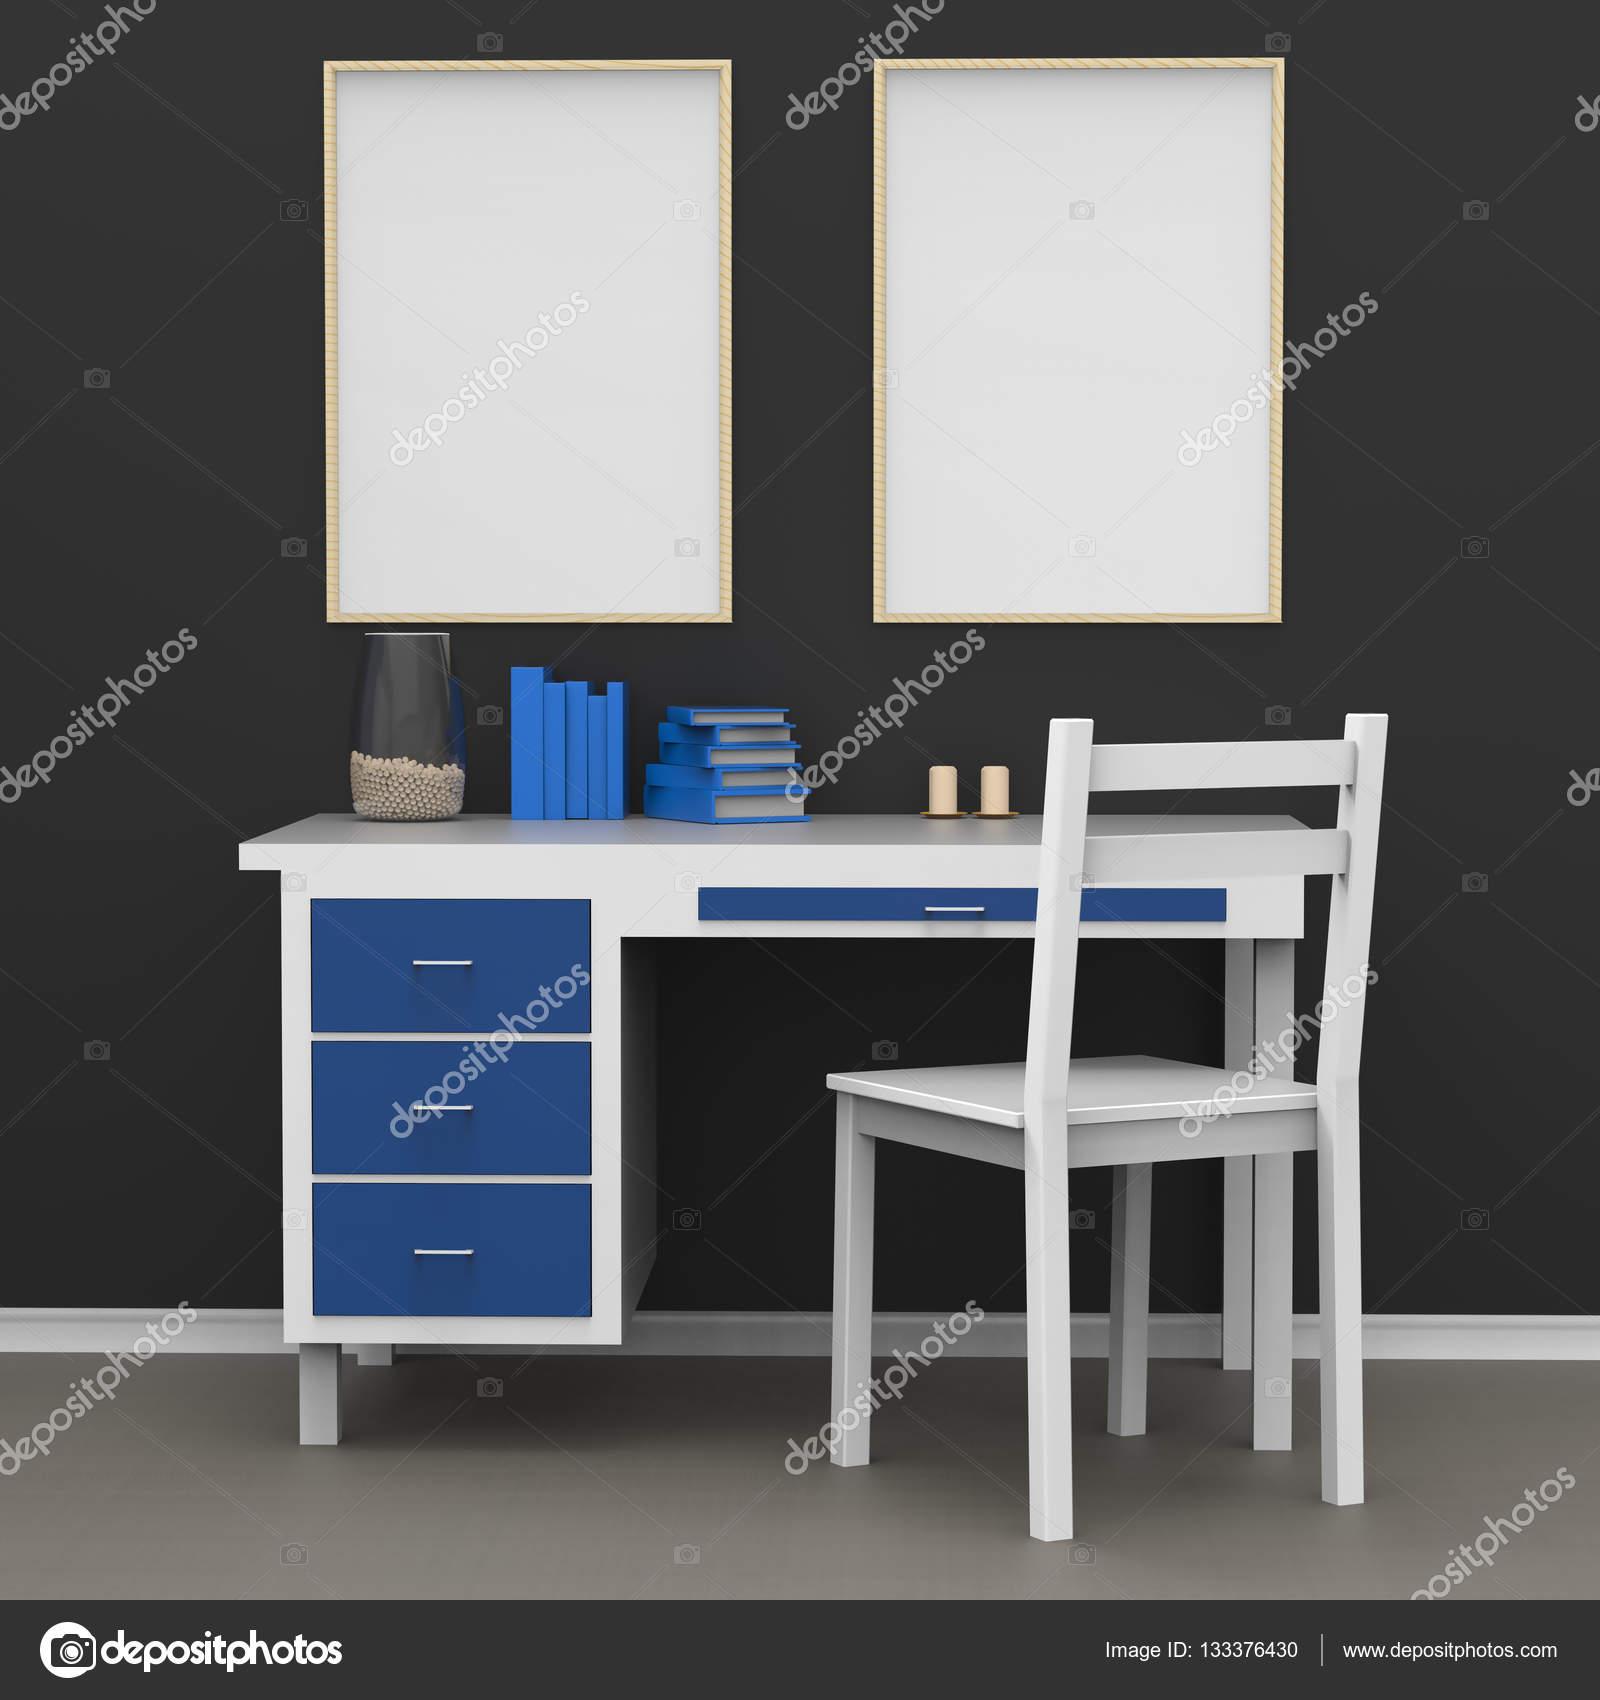 Moderne Wohnkultur Mock-up. Poster über dem Tisch. 3D illutration ...